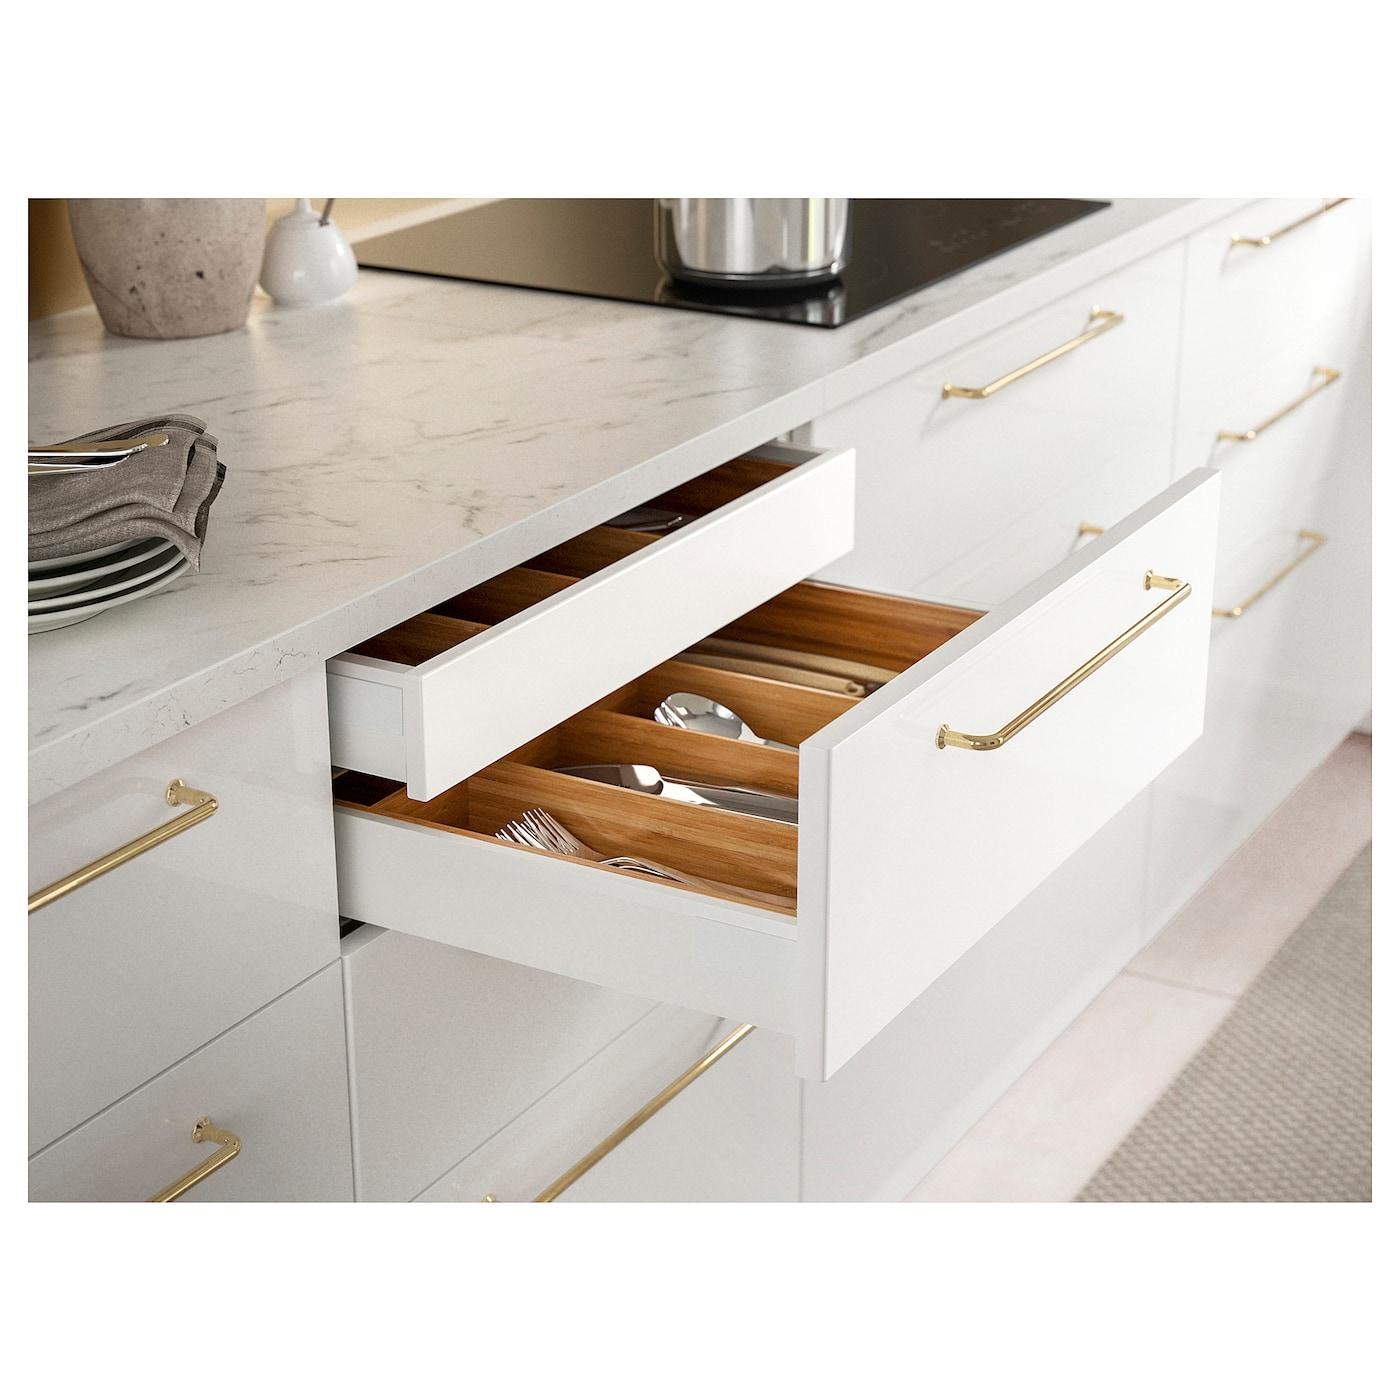 Ekbacken Werkblad Wit Marmerpatroon Laminaat 246x2 8 Cm Ikea